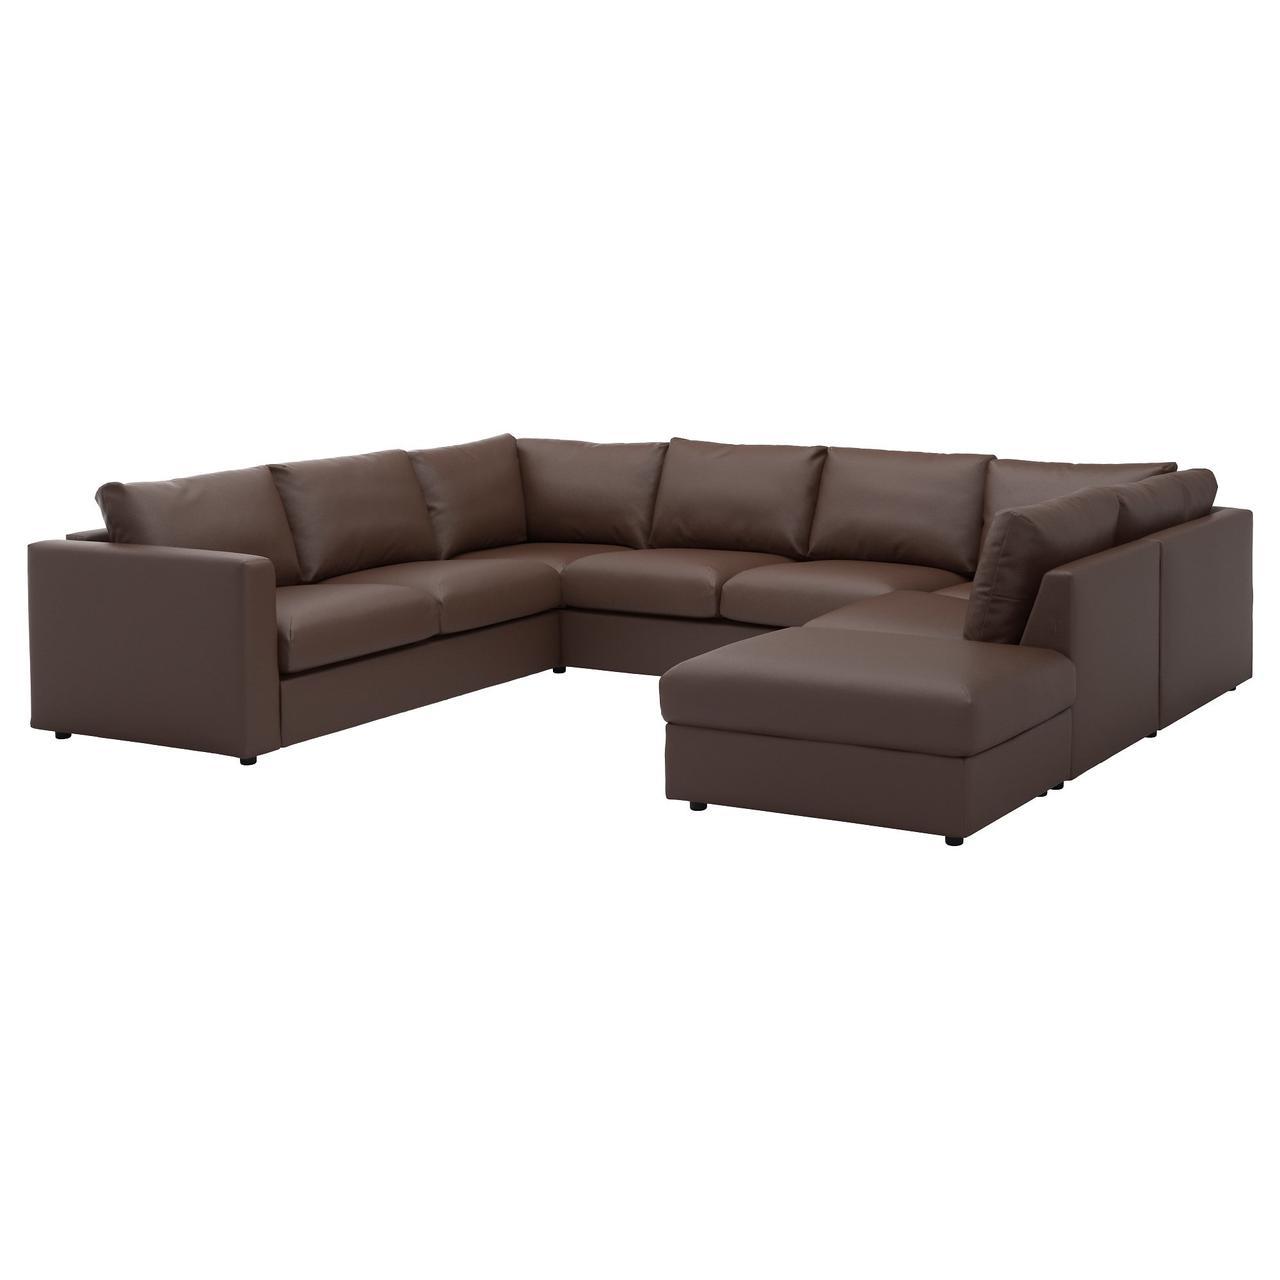 ВИМЛЕ 6-местный п-образный диван, с открытым торцом, Фарста темно-коричневый